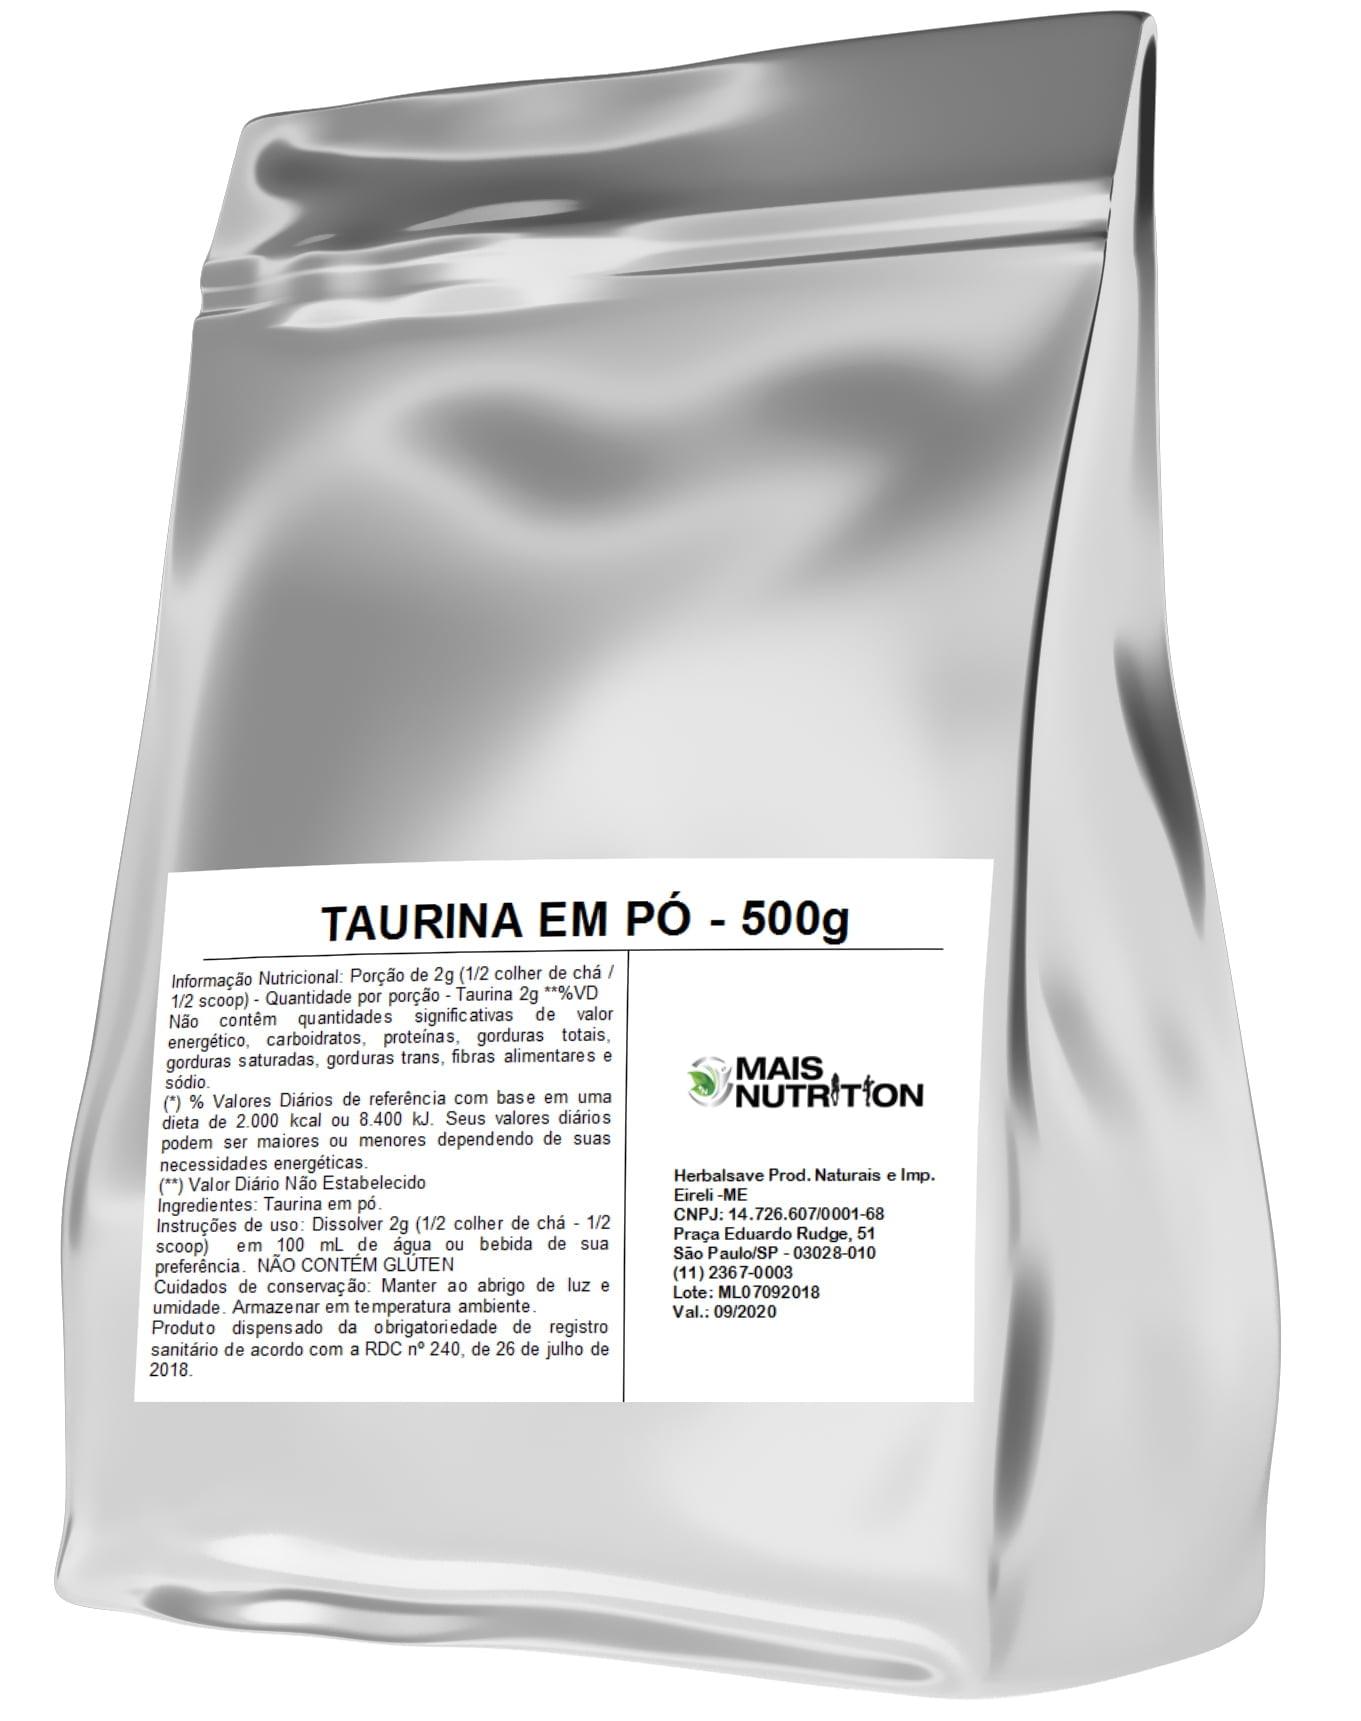 POR R$49,90 - Taurina 500 gramas 500g Embalagem Refil Mais Nutrition